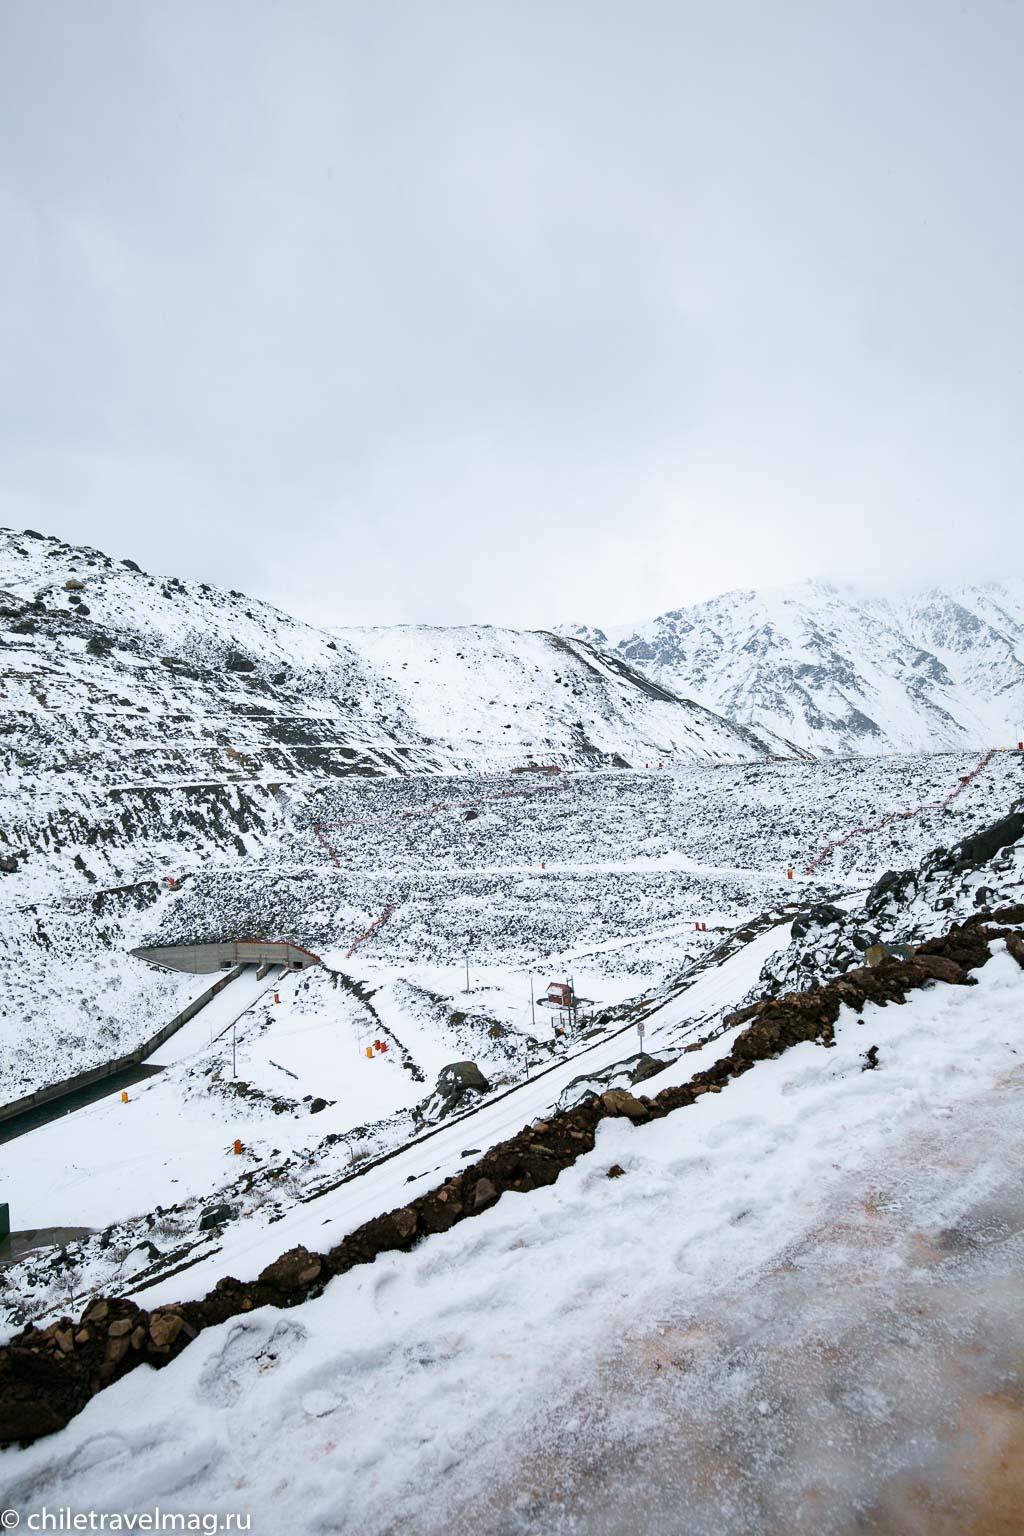 Горное водохранилище в Андах Чили18